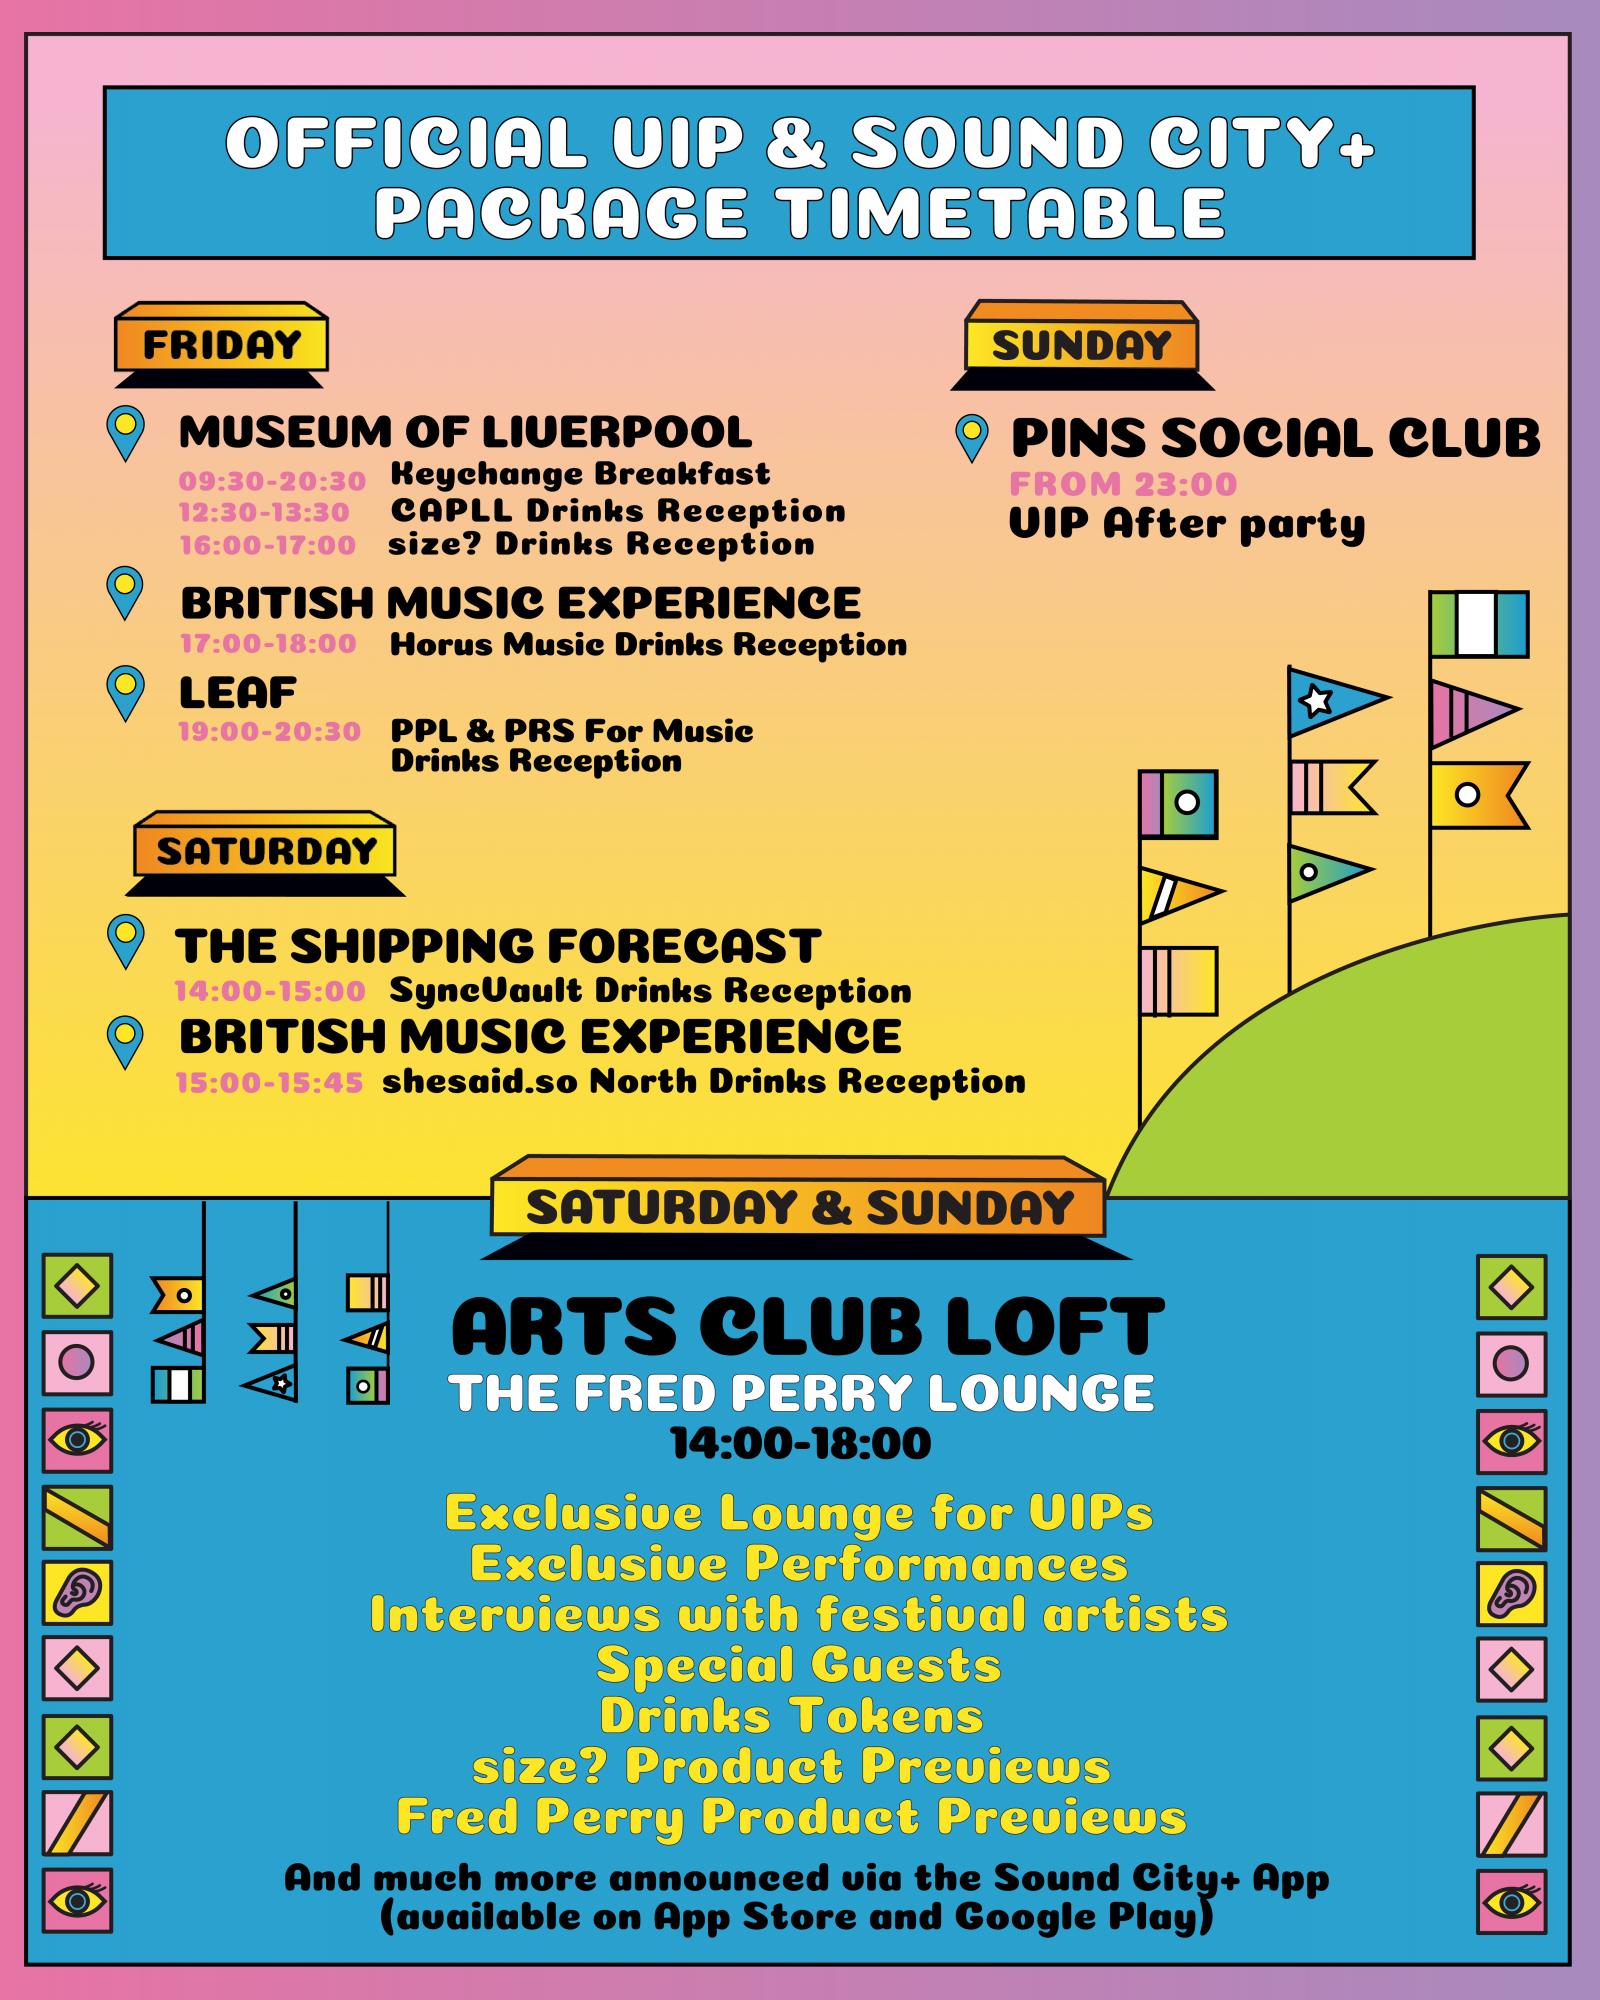 Sound City VIP Programme Revealed